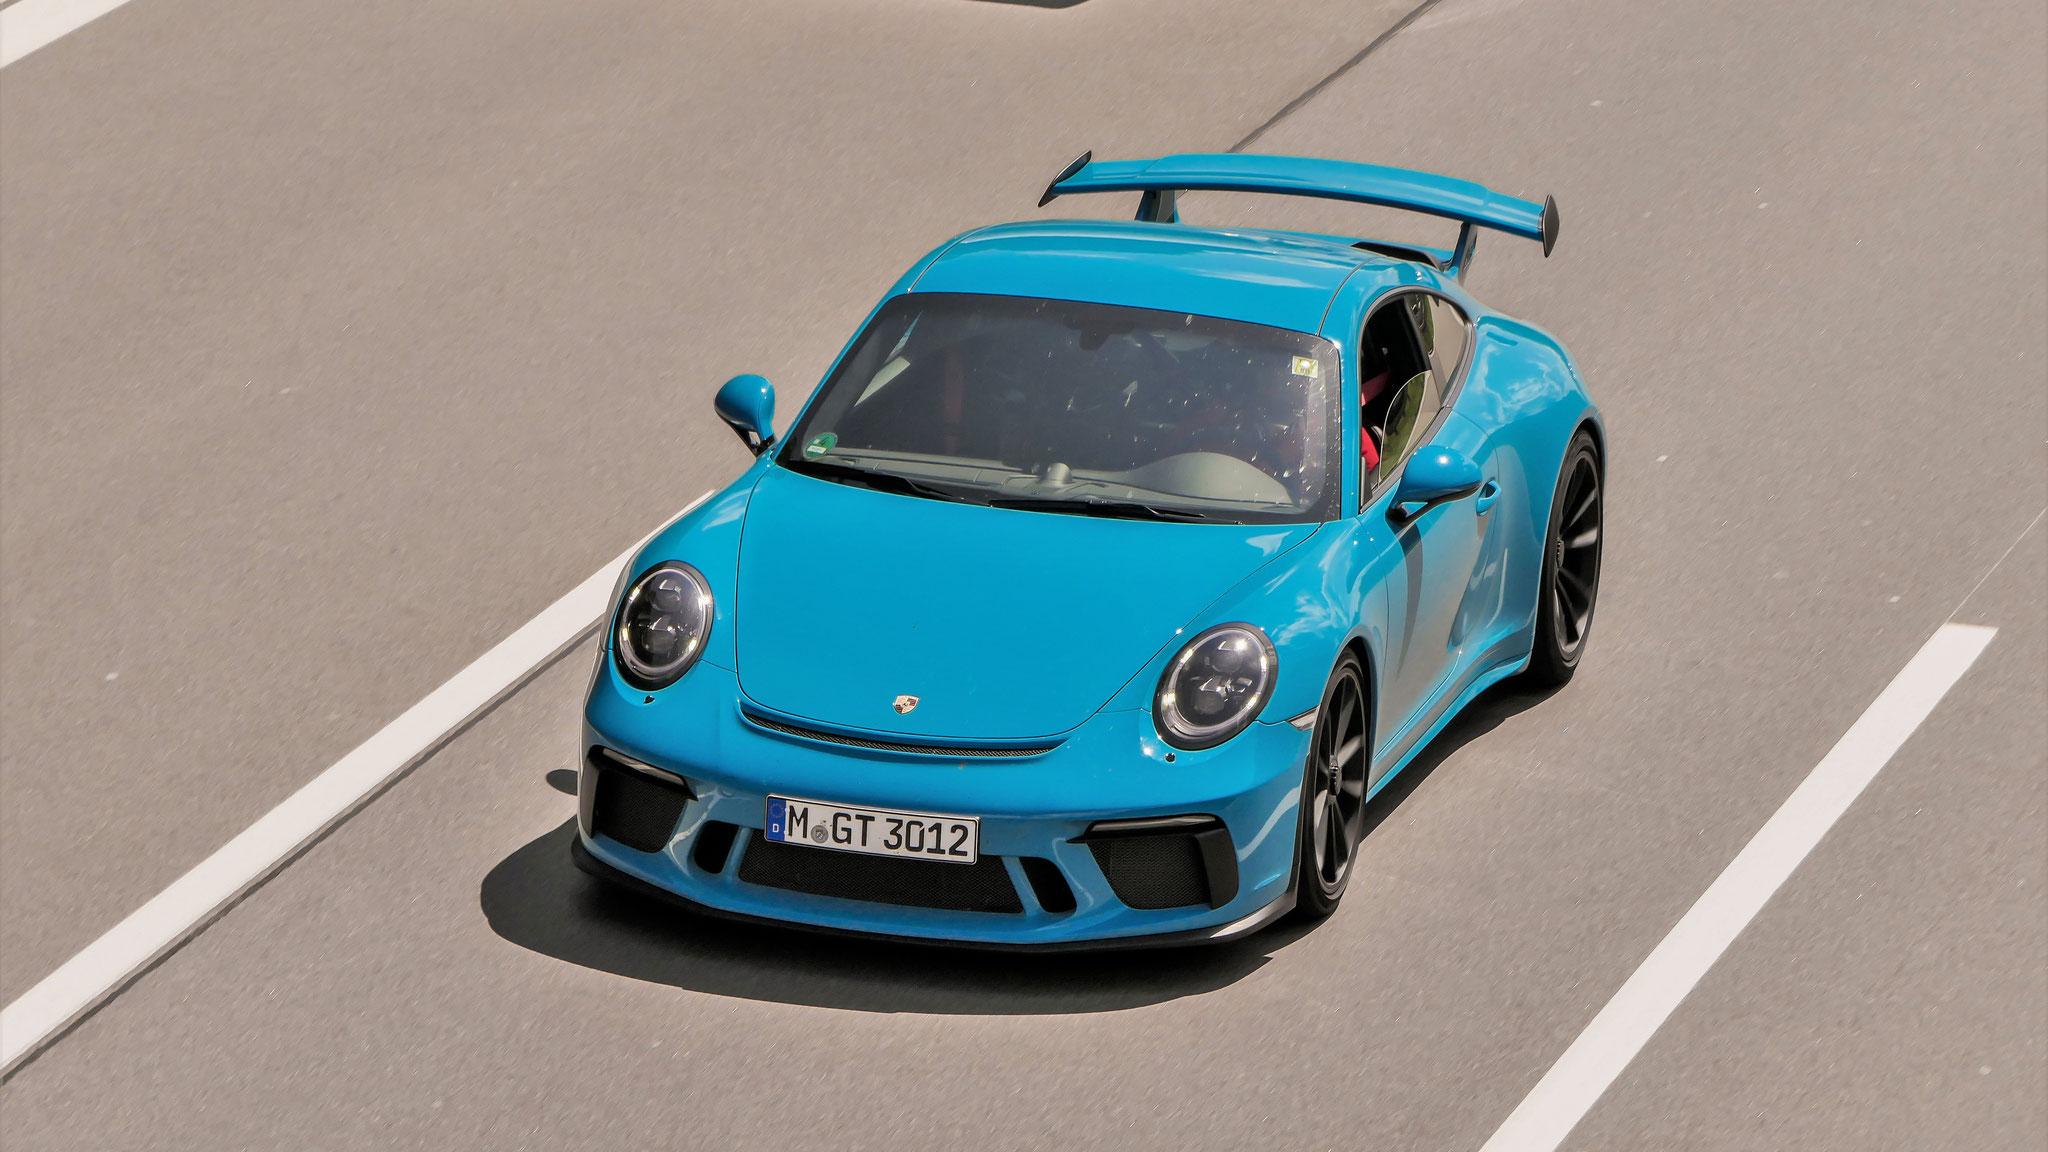 Porsche 991 GT3 - M-GT-3012